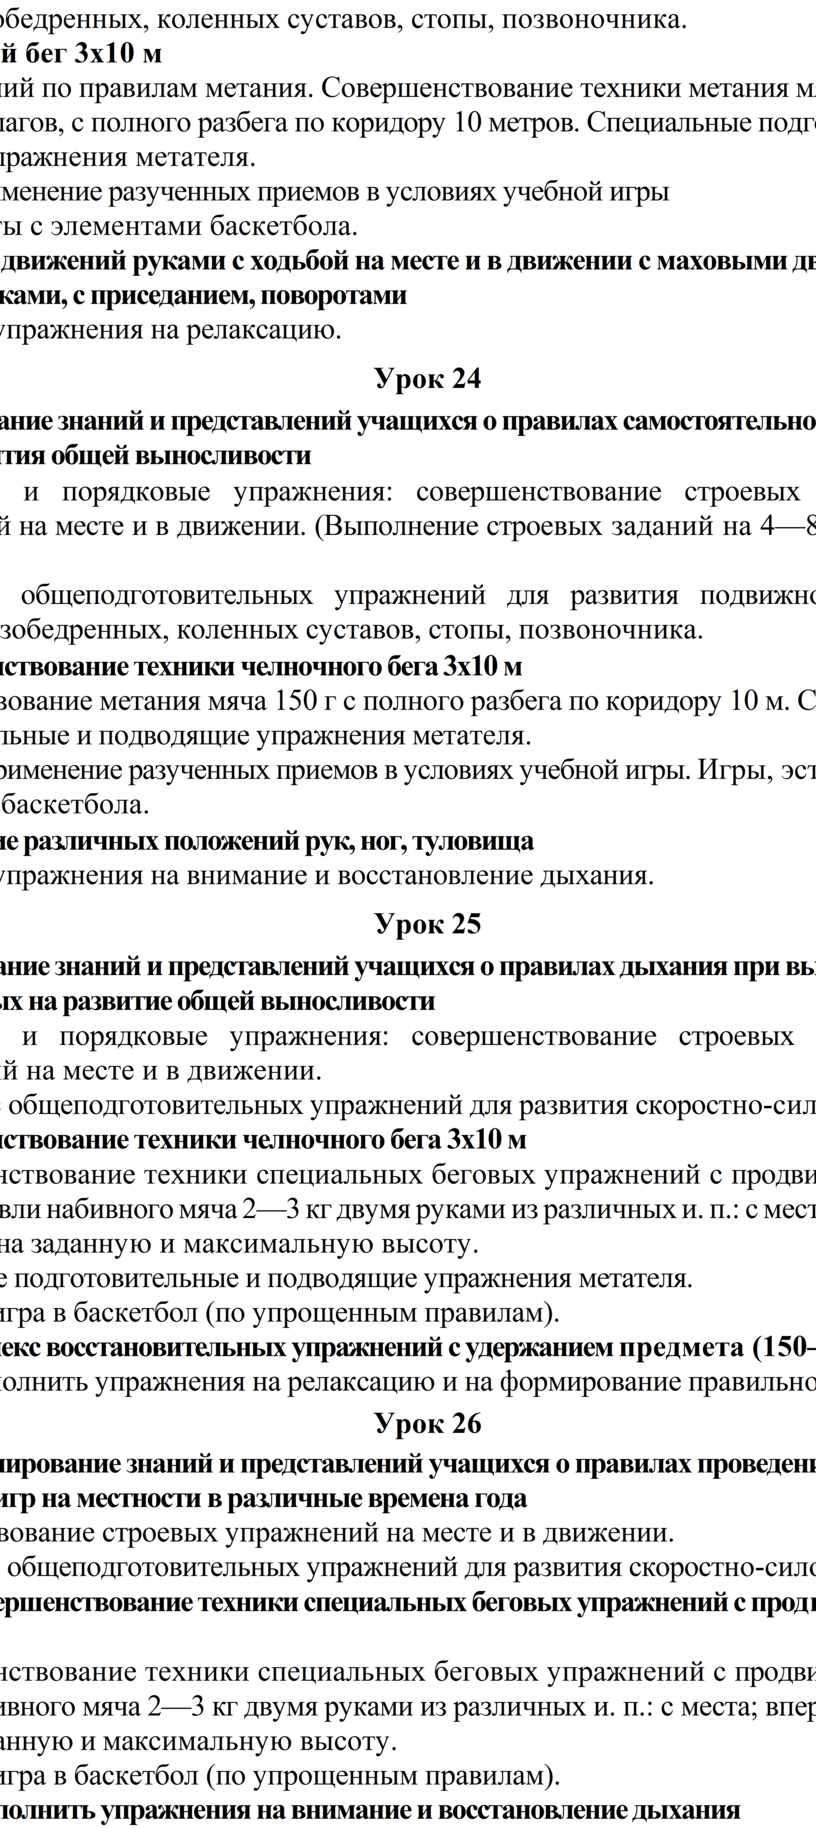 П. Челночный бег 3x10 м Контроль знаний по правилам метания